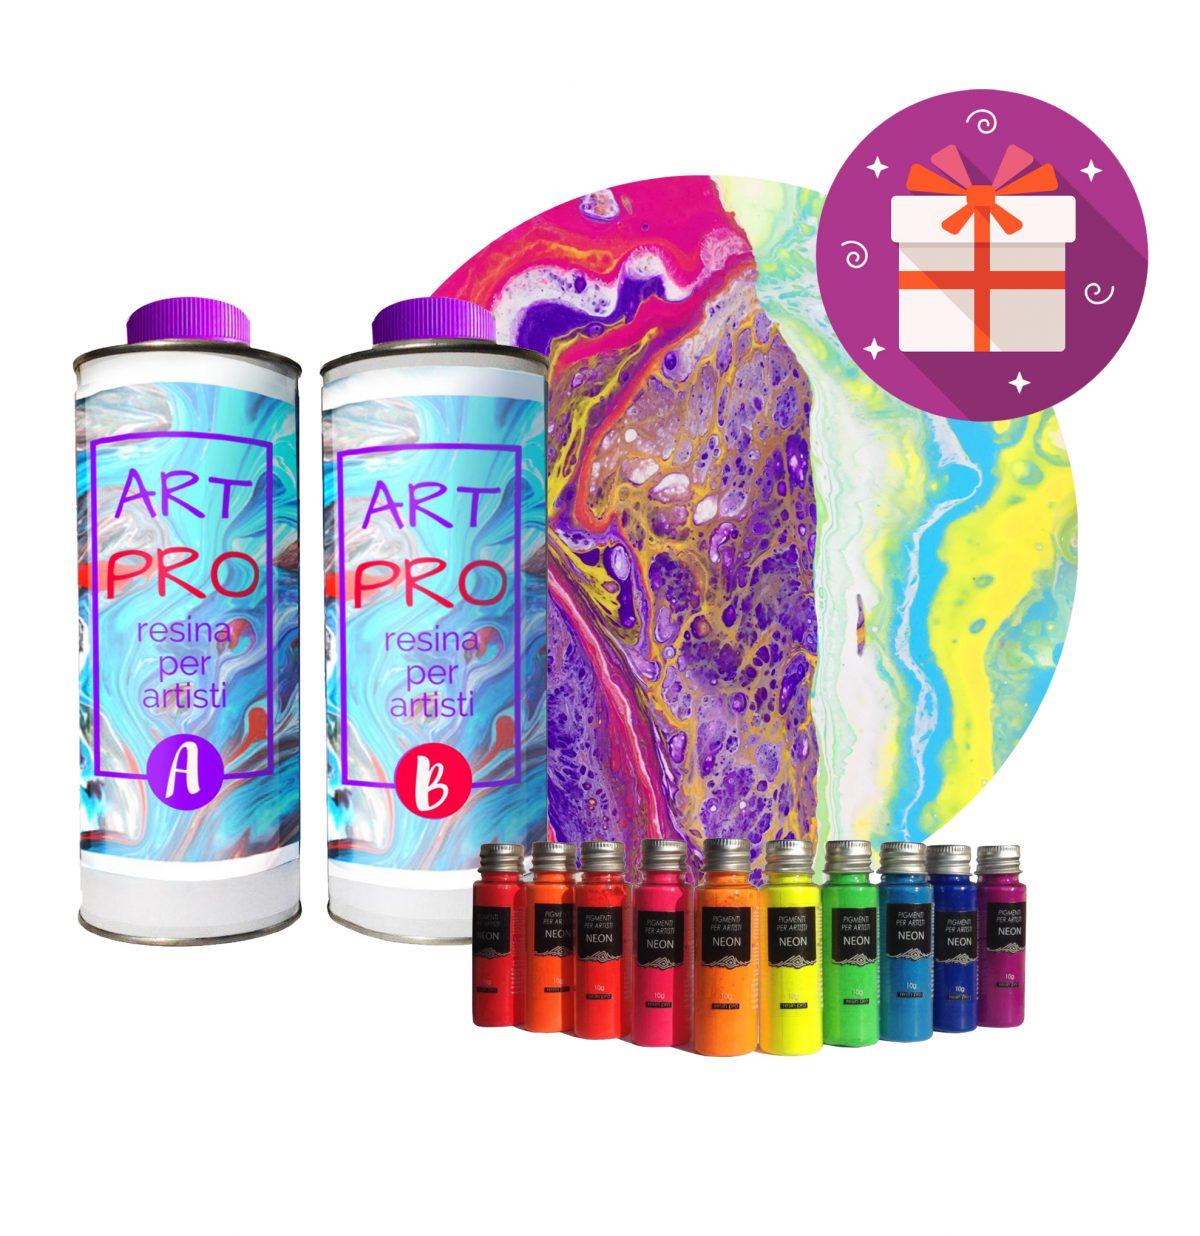 ART PRO RÉSINE TRANSPARENTE POUR LES ARTISTES 1.6 KG + SET PIGMENTS NEON + TOILE  EN CADEAU - IDEAL POUR RESINE-ART ET POUR ART